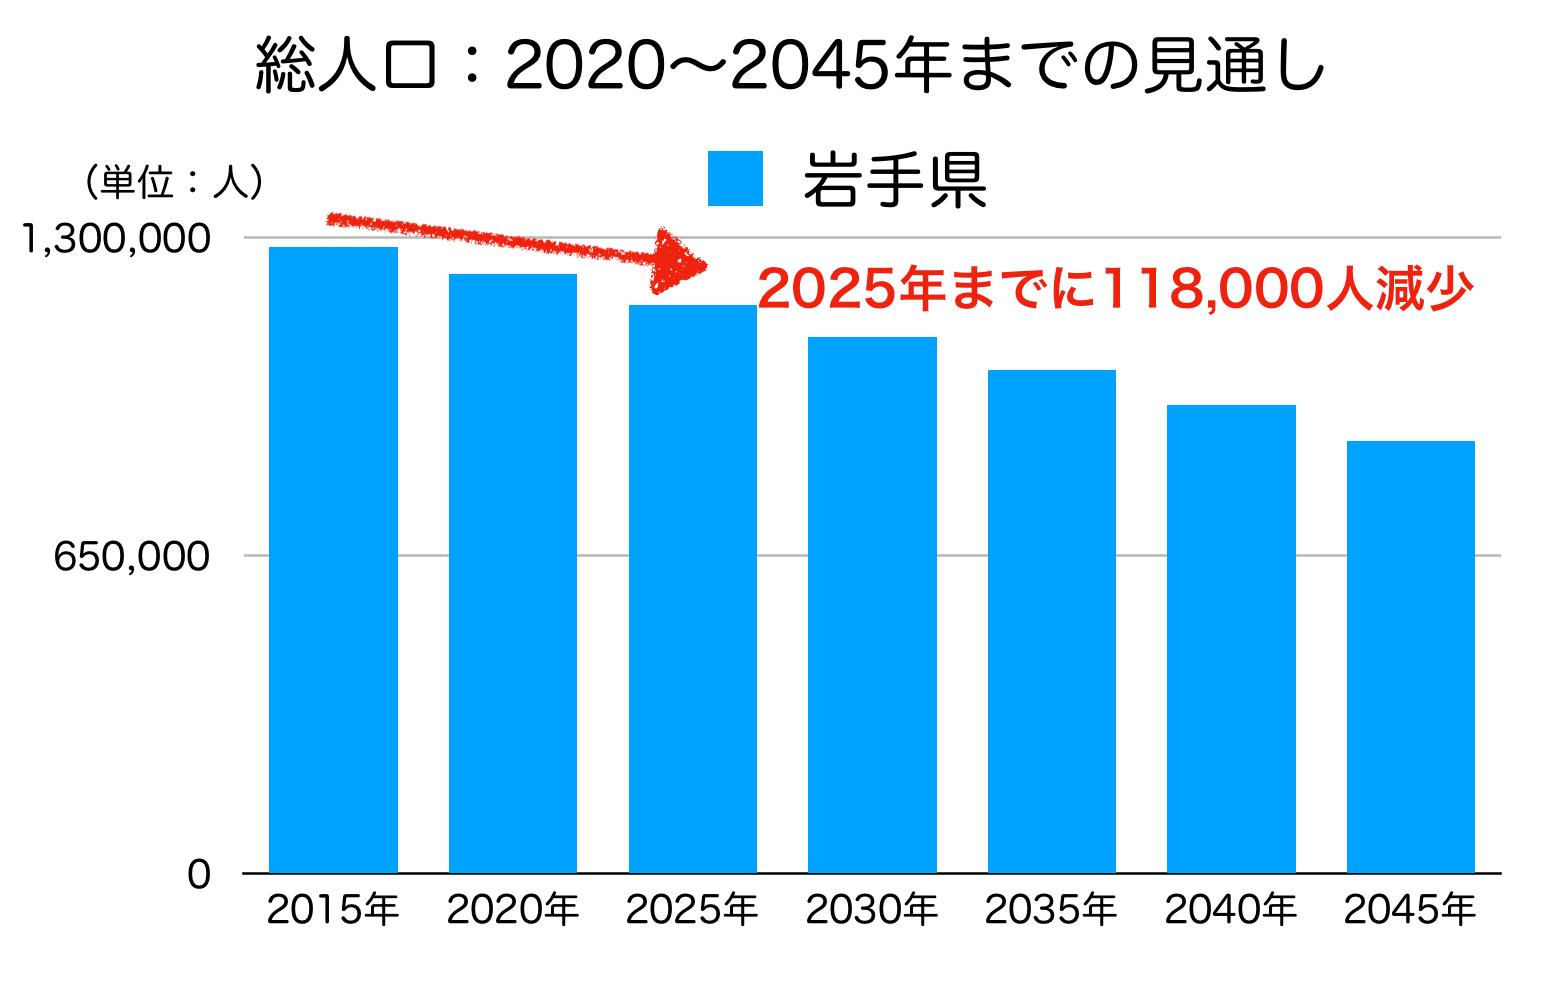 岩手県の人口予測